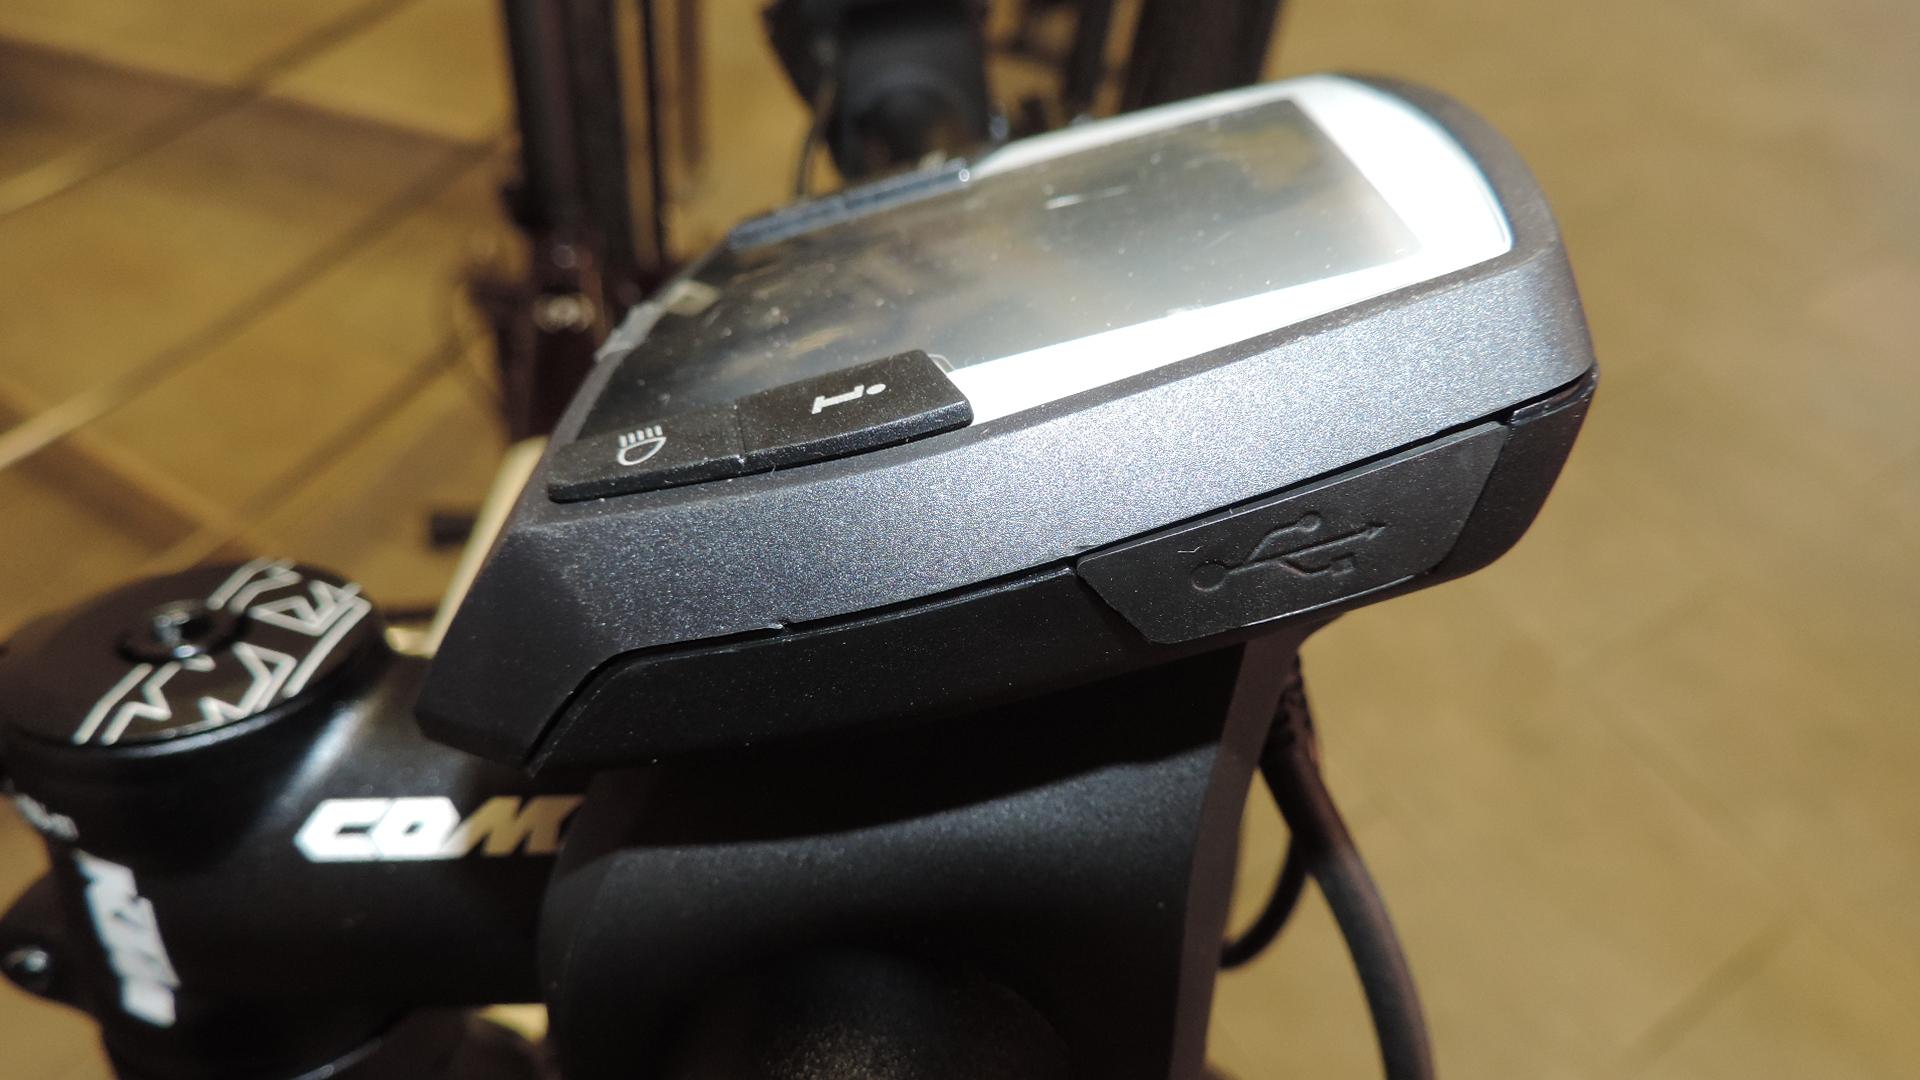 Sportello USB per ricarica telefonico o navigatore e diagnostica